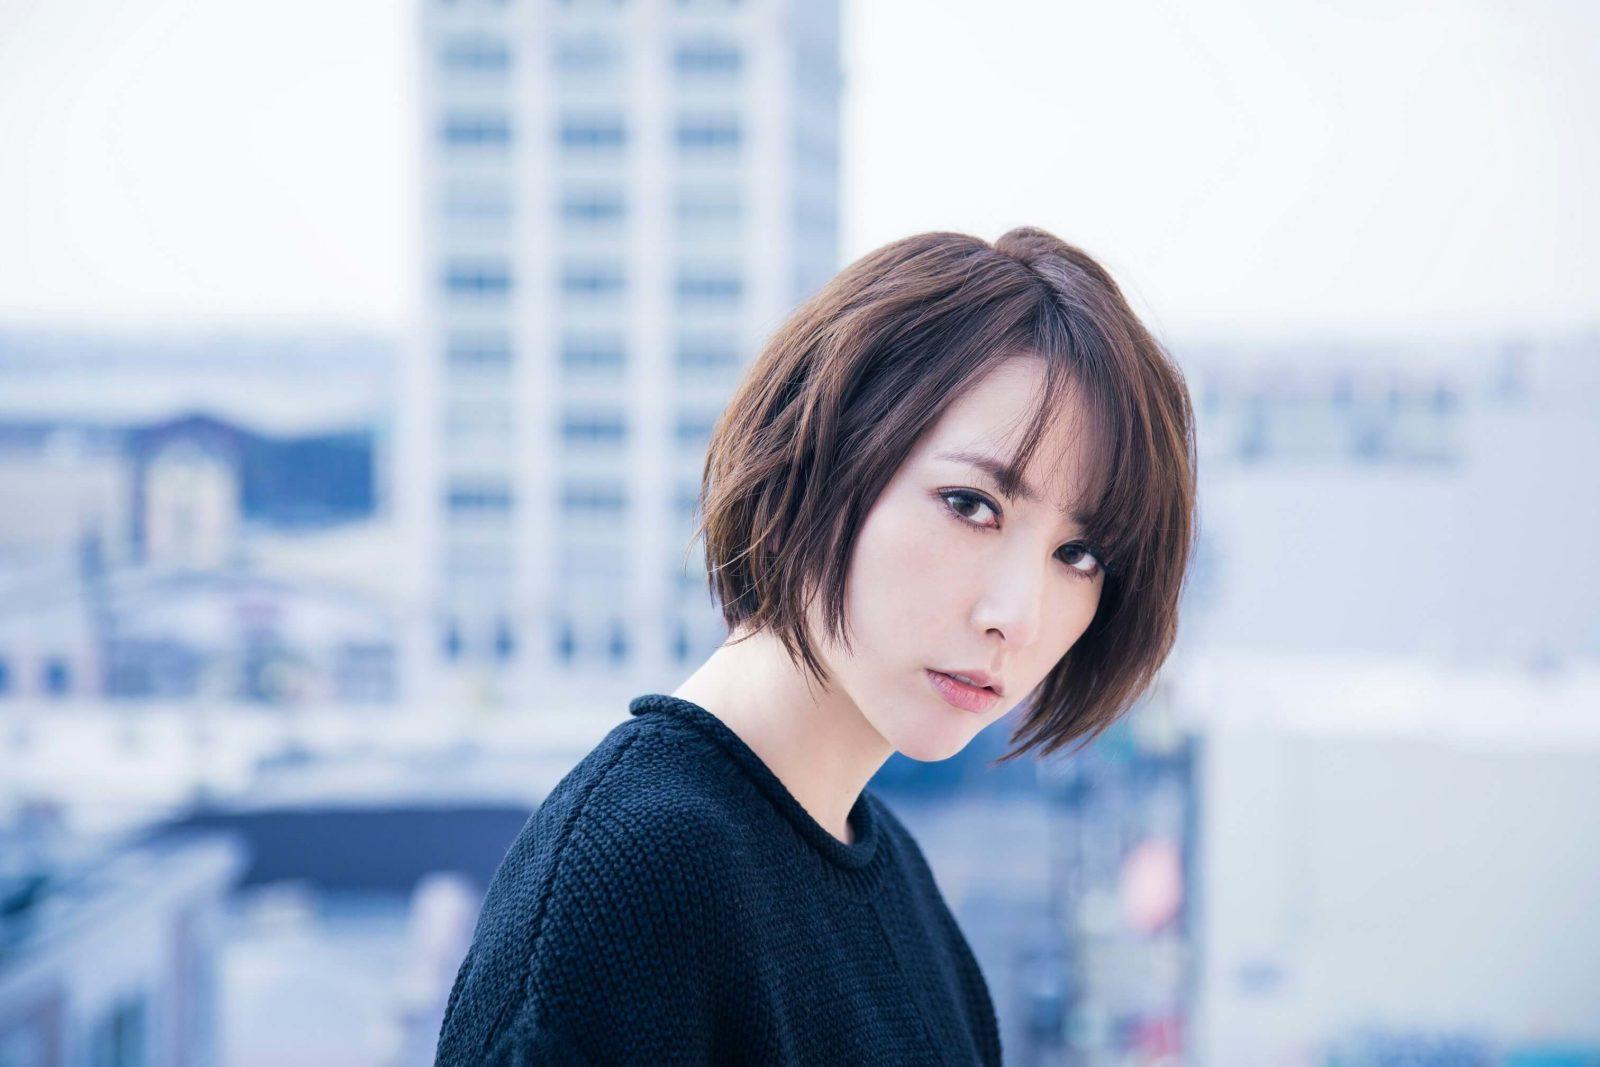 藍井エイル、4thアルバム「FRAGMENT」リリース決定サムネイル画像